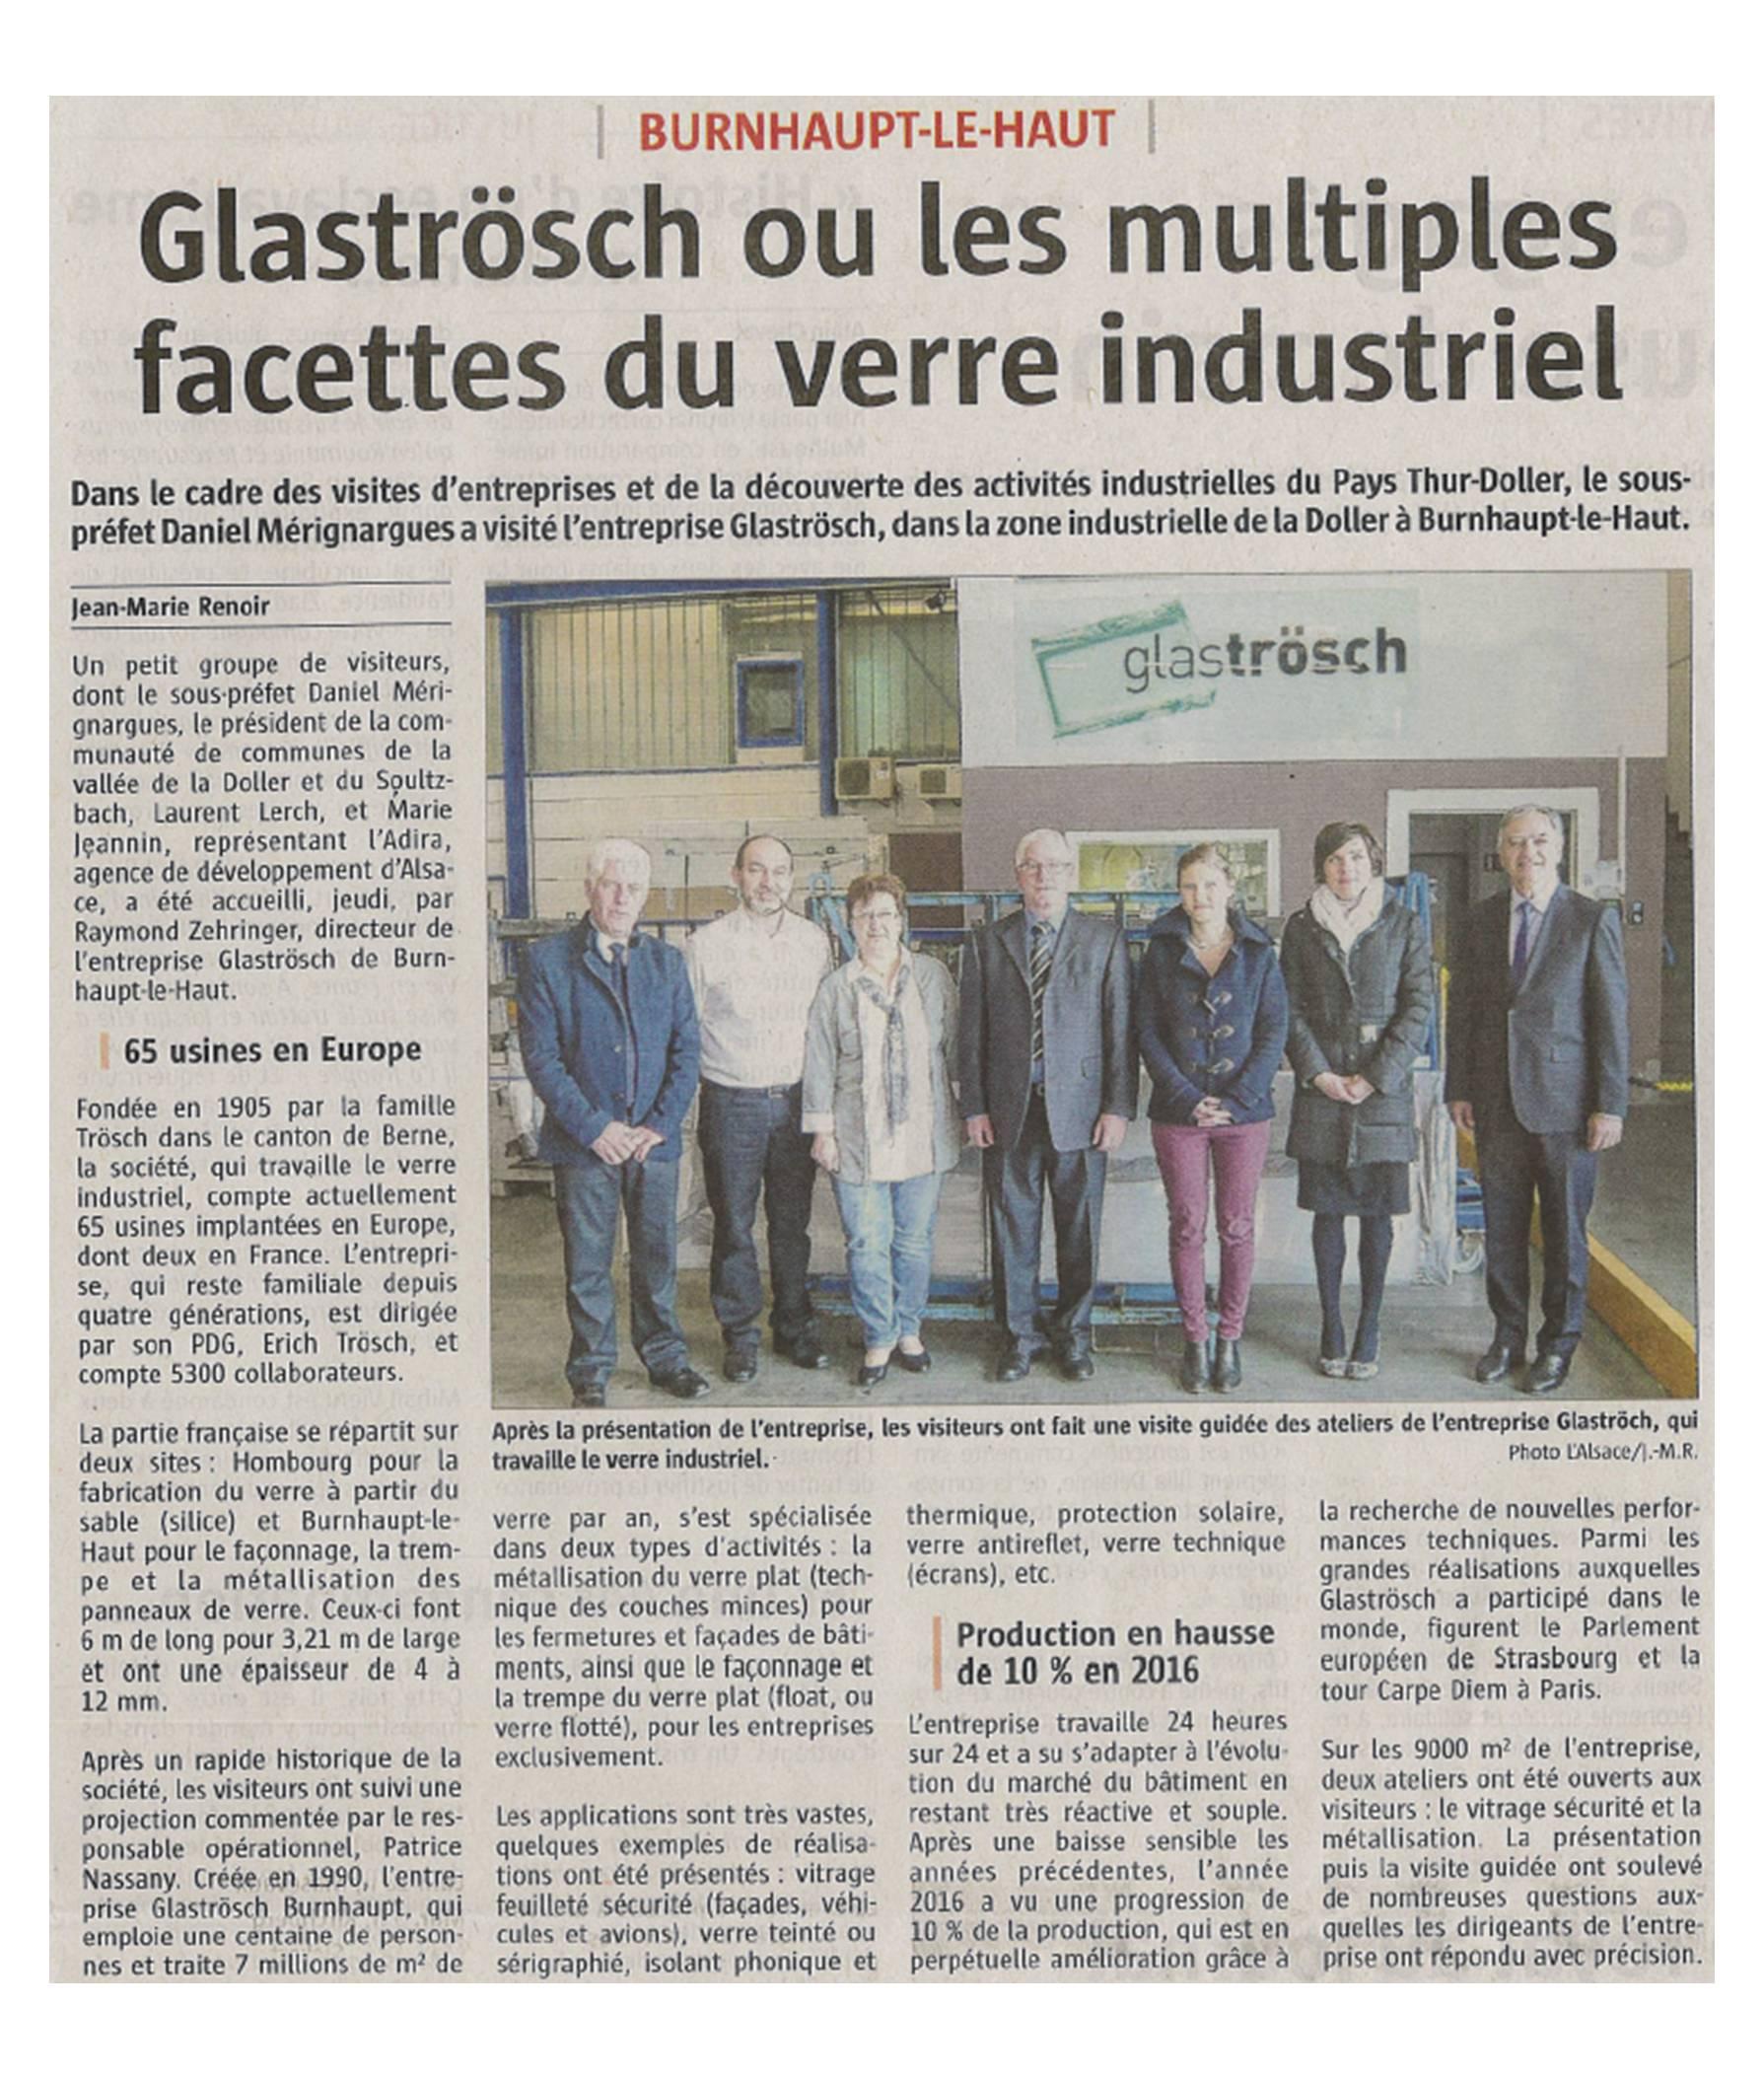 Glaströsch ou les multiples facettes du verre industriel - L'Alsace (18-02-2017)